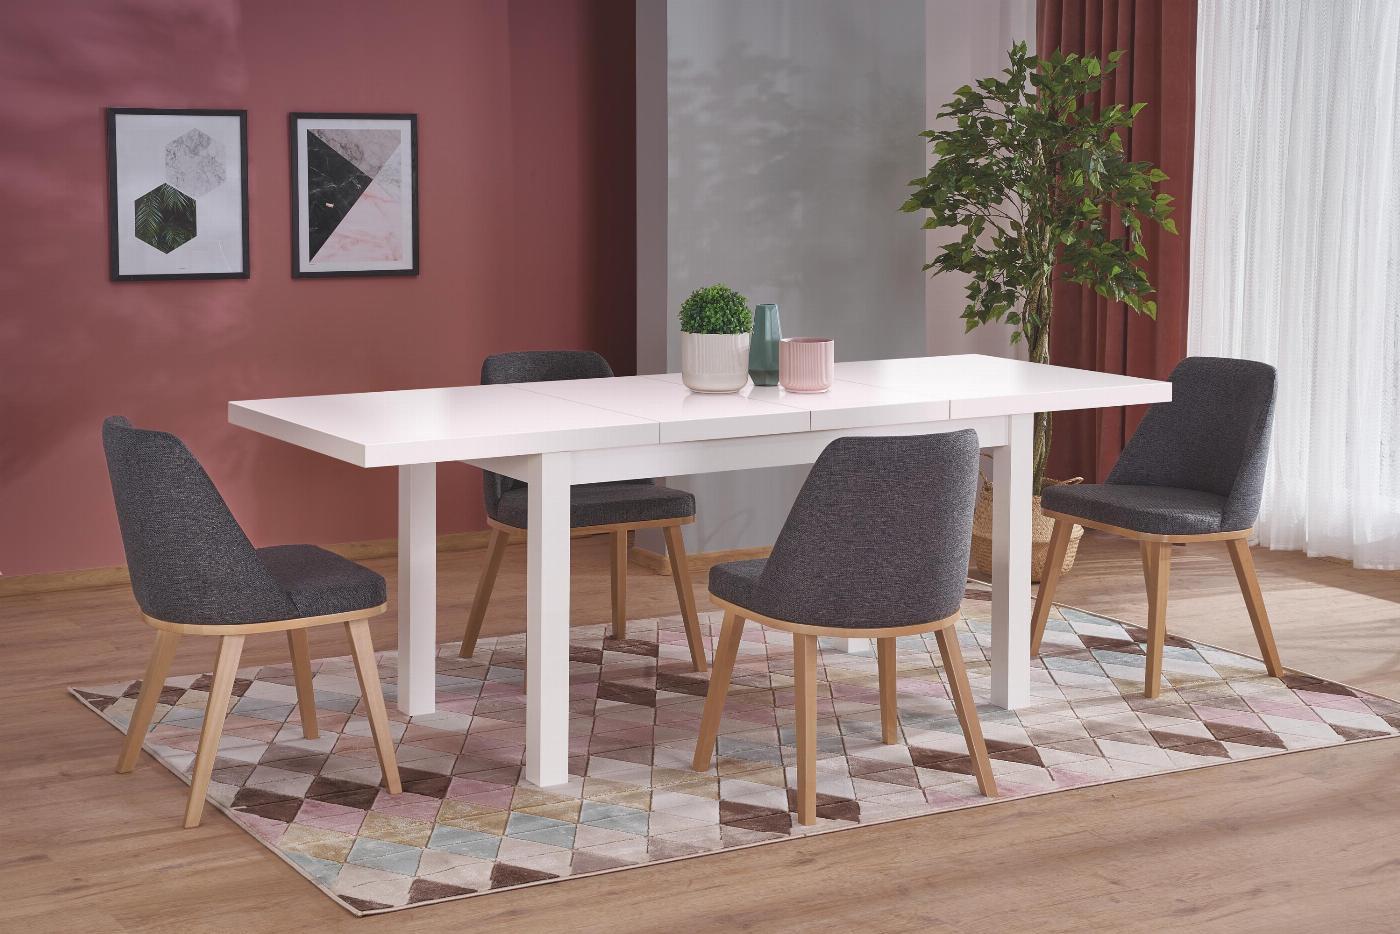 TIAGO 2 stół rozkładany 140-220/80 blat: biały, nogi: biały